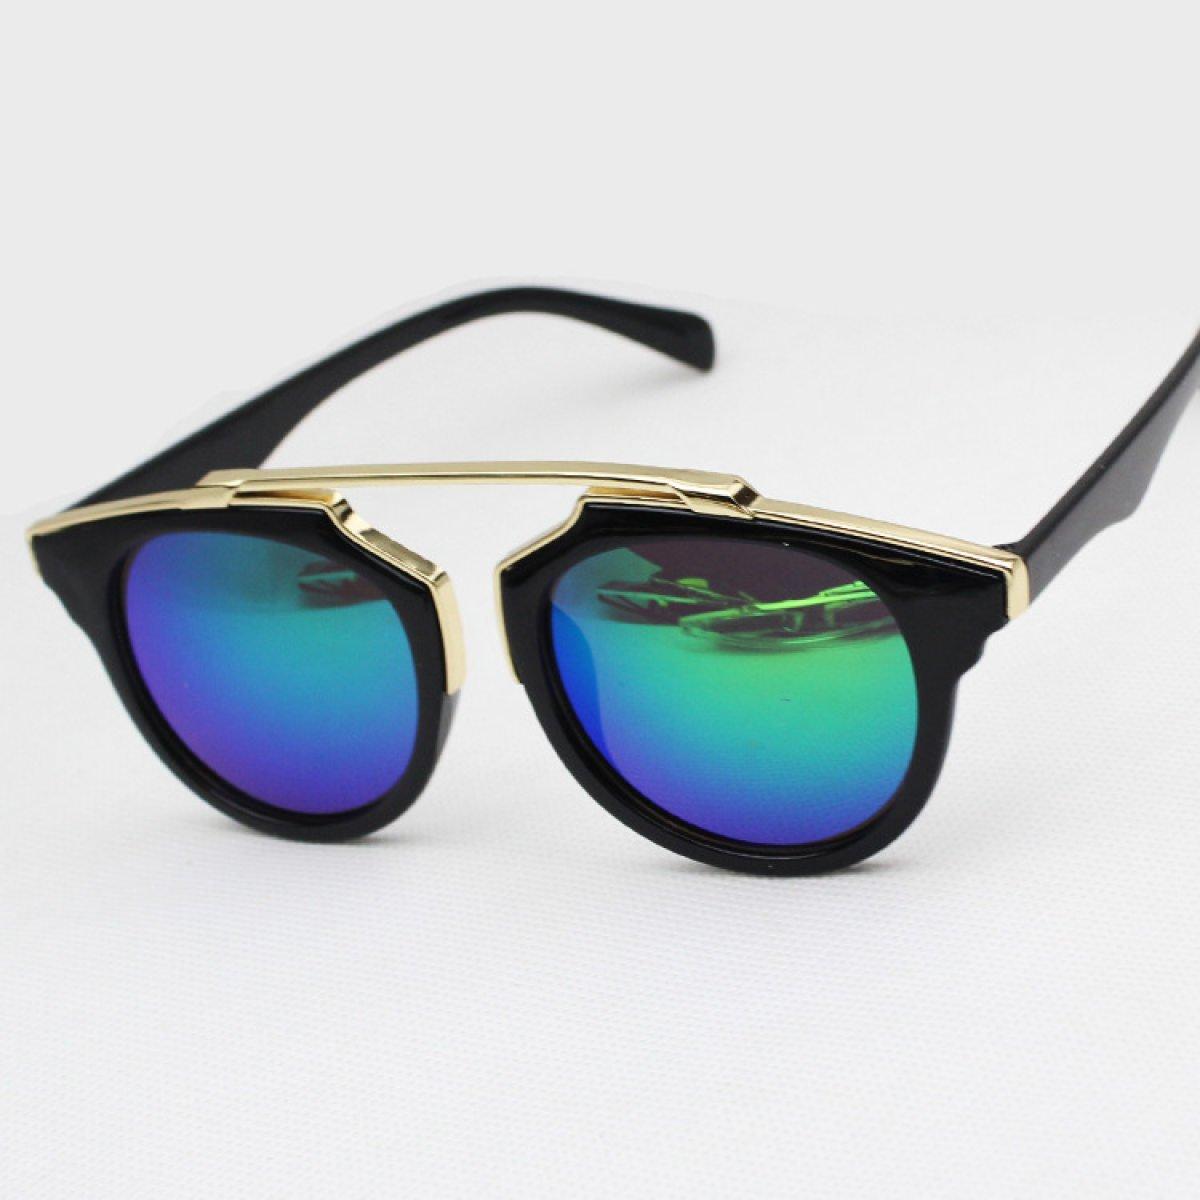 854e73a86f Personalidad Gafas De Sol Señora La Película En Color Gafas De Sol Hombres  Unos Brillantes Y. Aoligei Personalidad ...